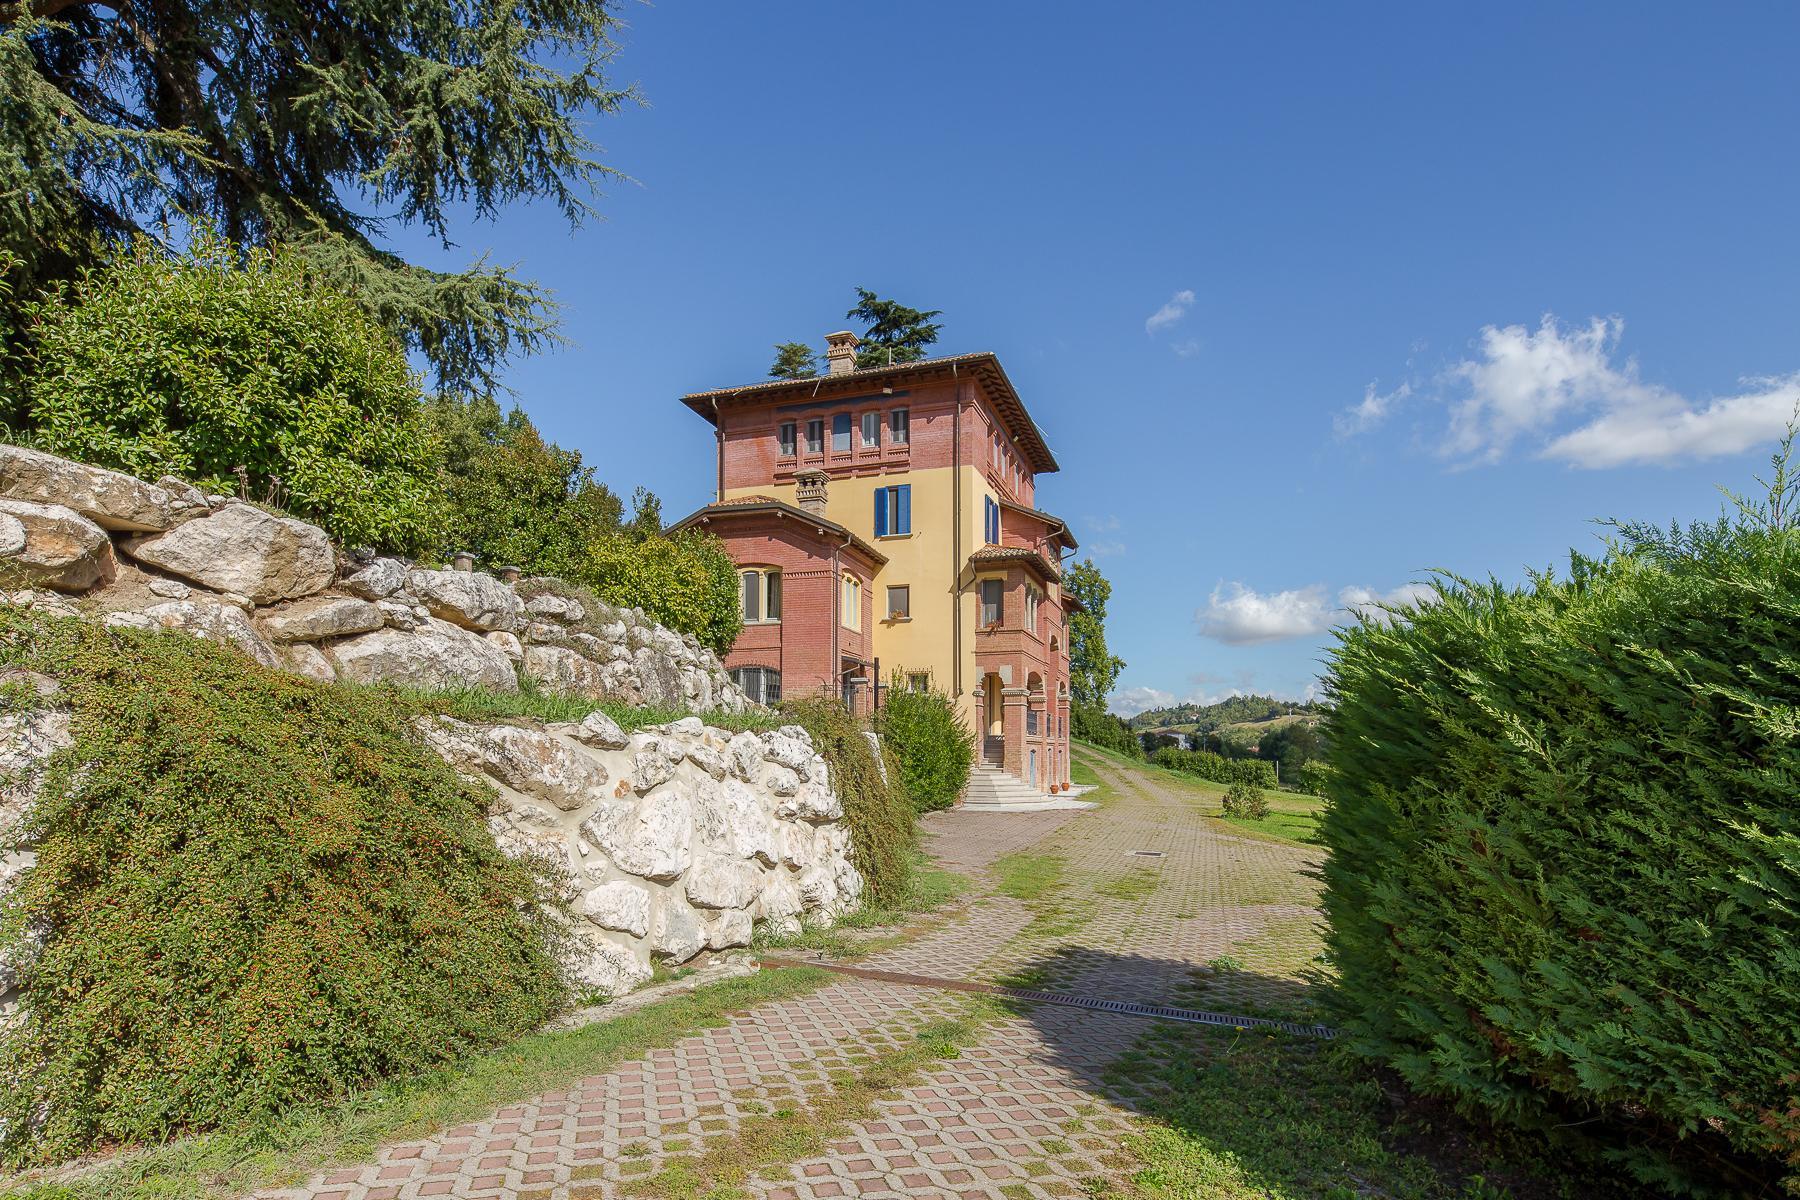 Salsomaggiore Terme温泉辉煌时期的别墅 - 5